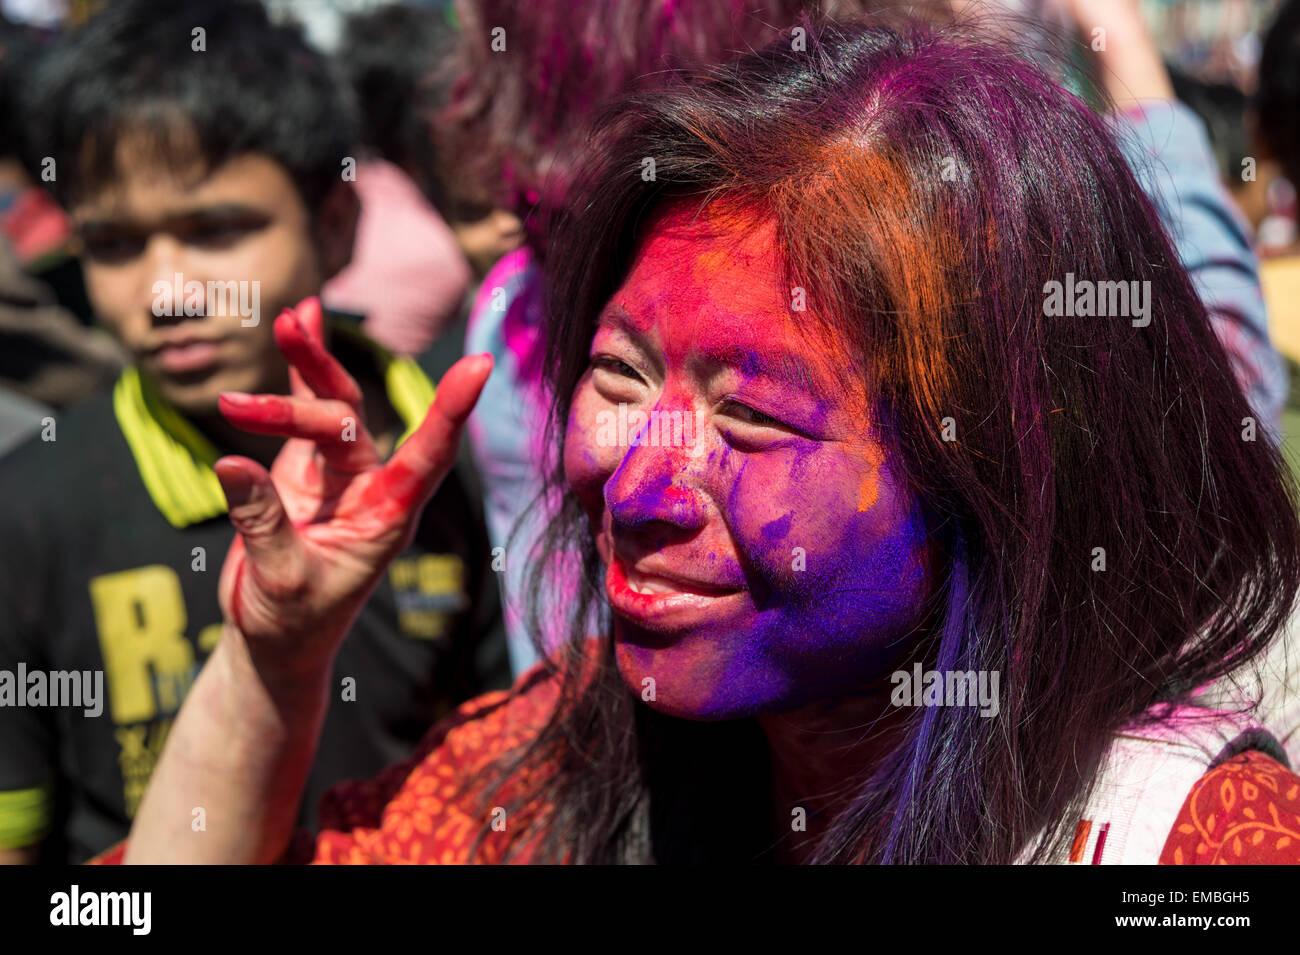 Asian woman with face peinte en rouge signe l'appareil photo pendant le festival holi Photo Stock